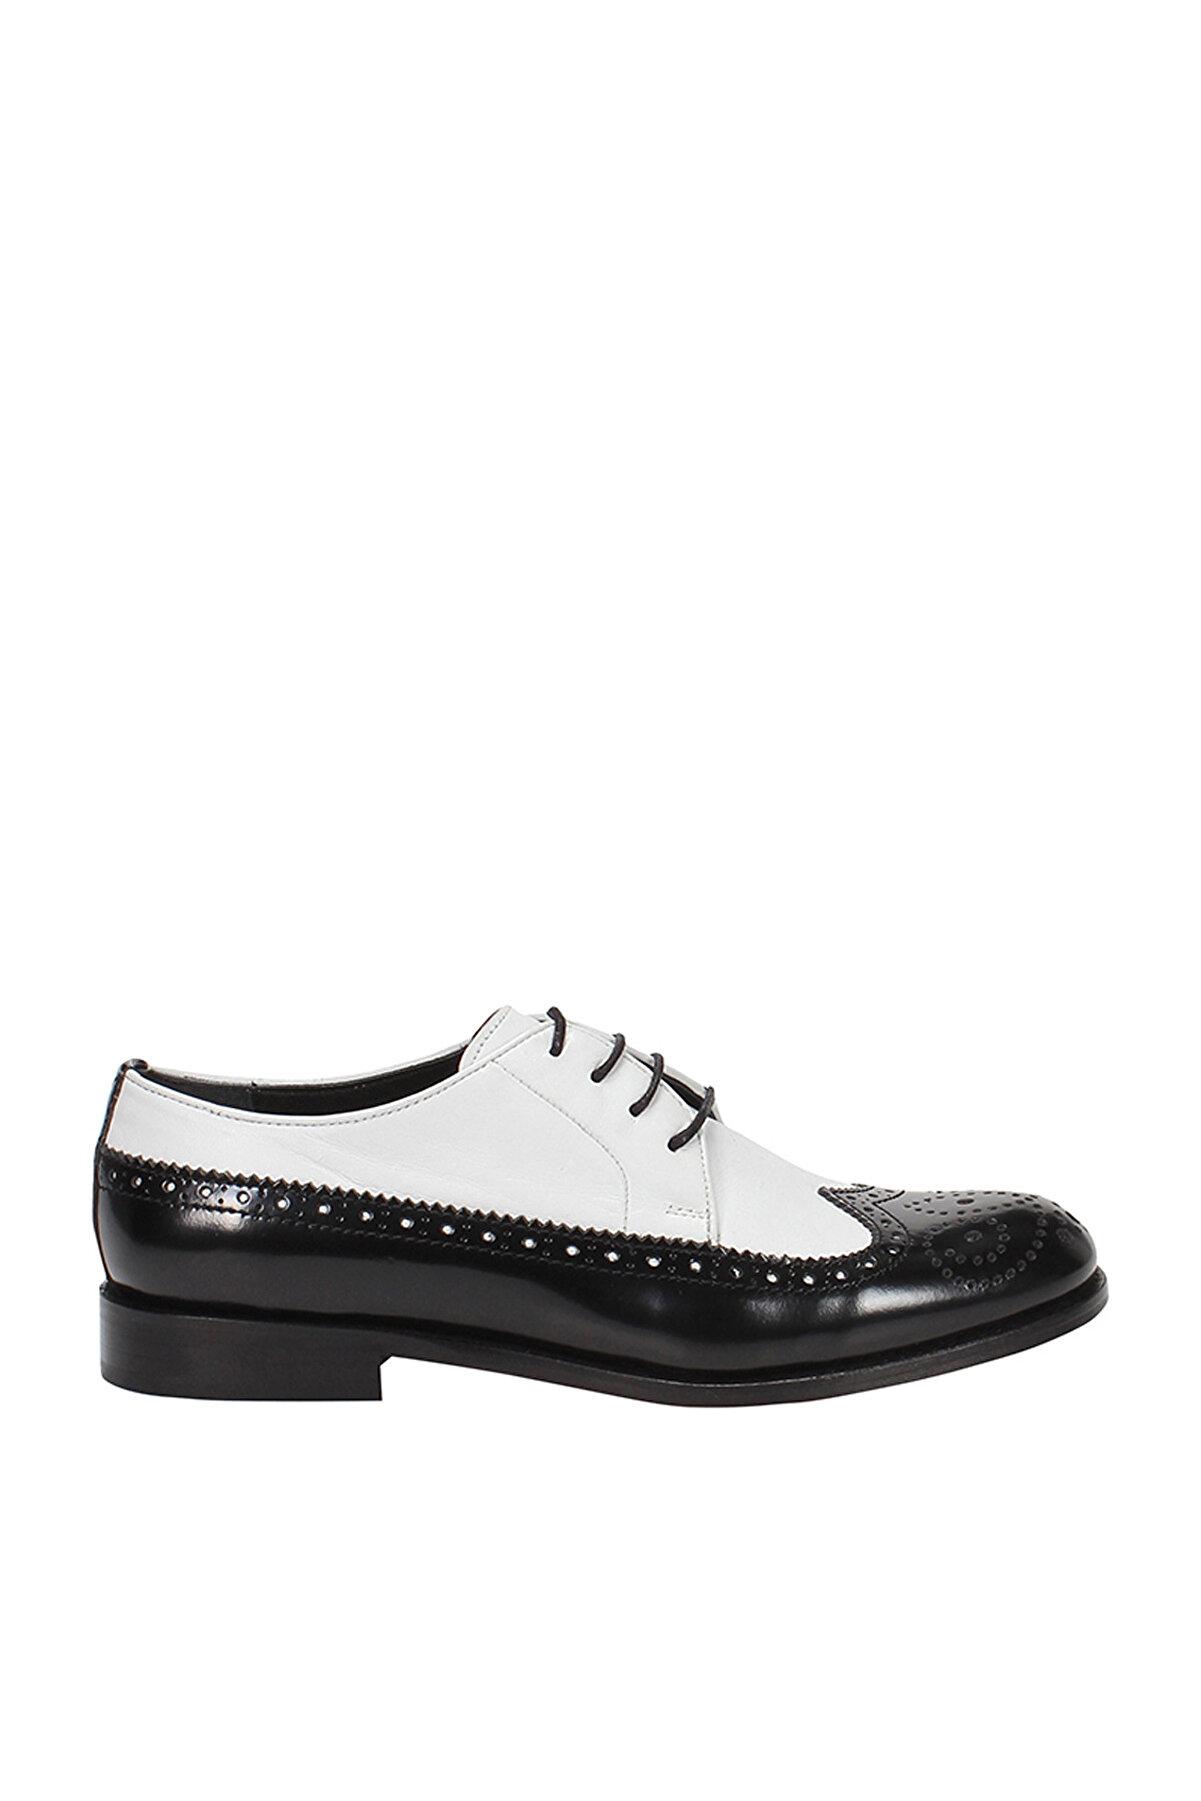 İnci Hakiki Deri Beyaz Kadın Casual Ayakkabı 120130003614